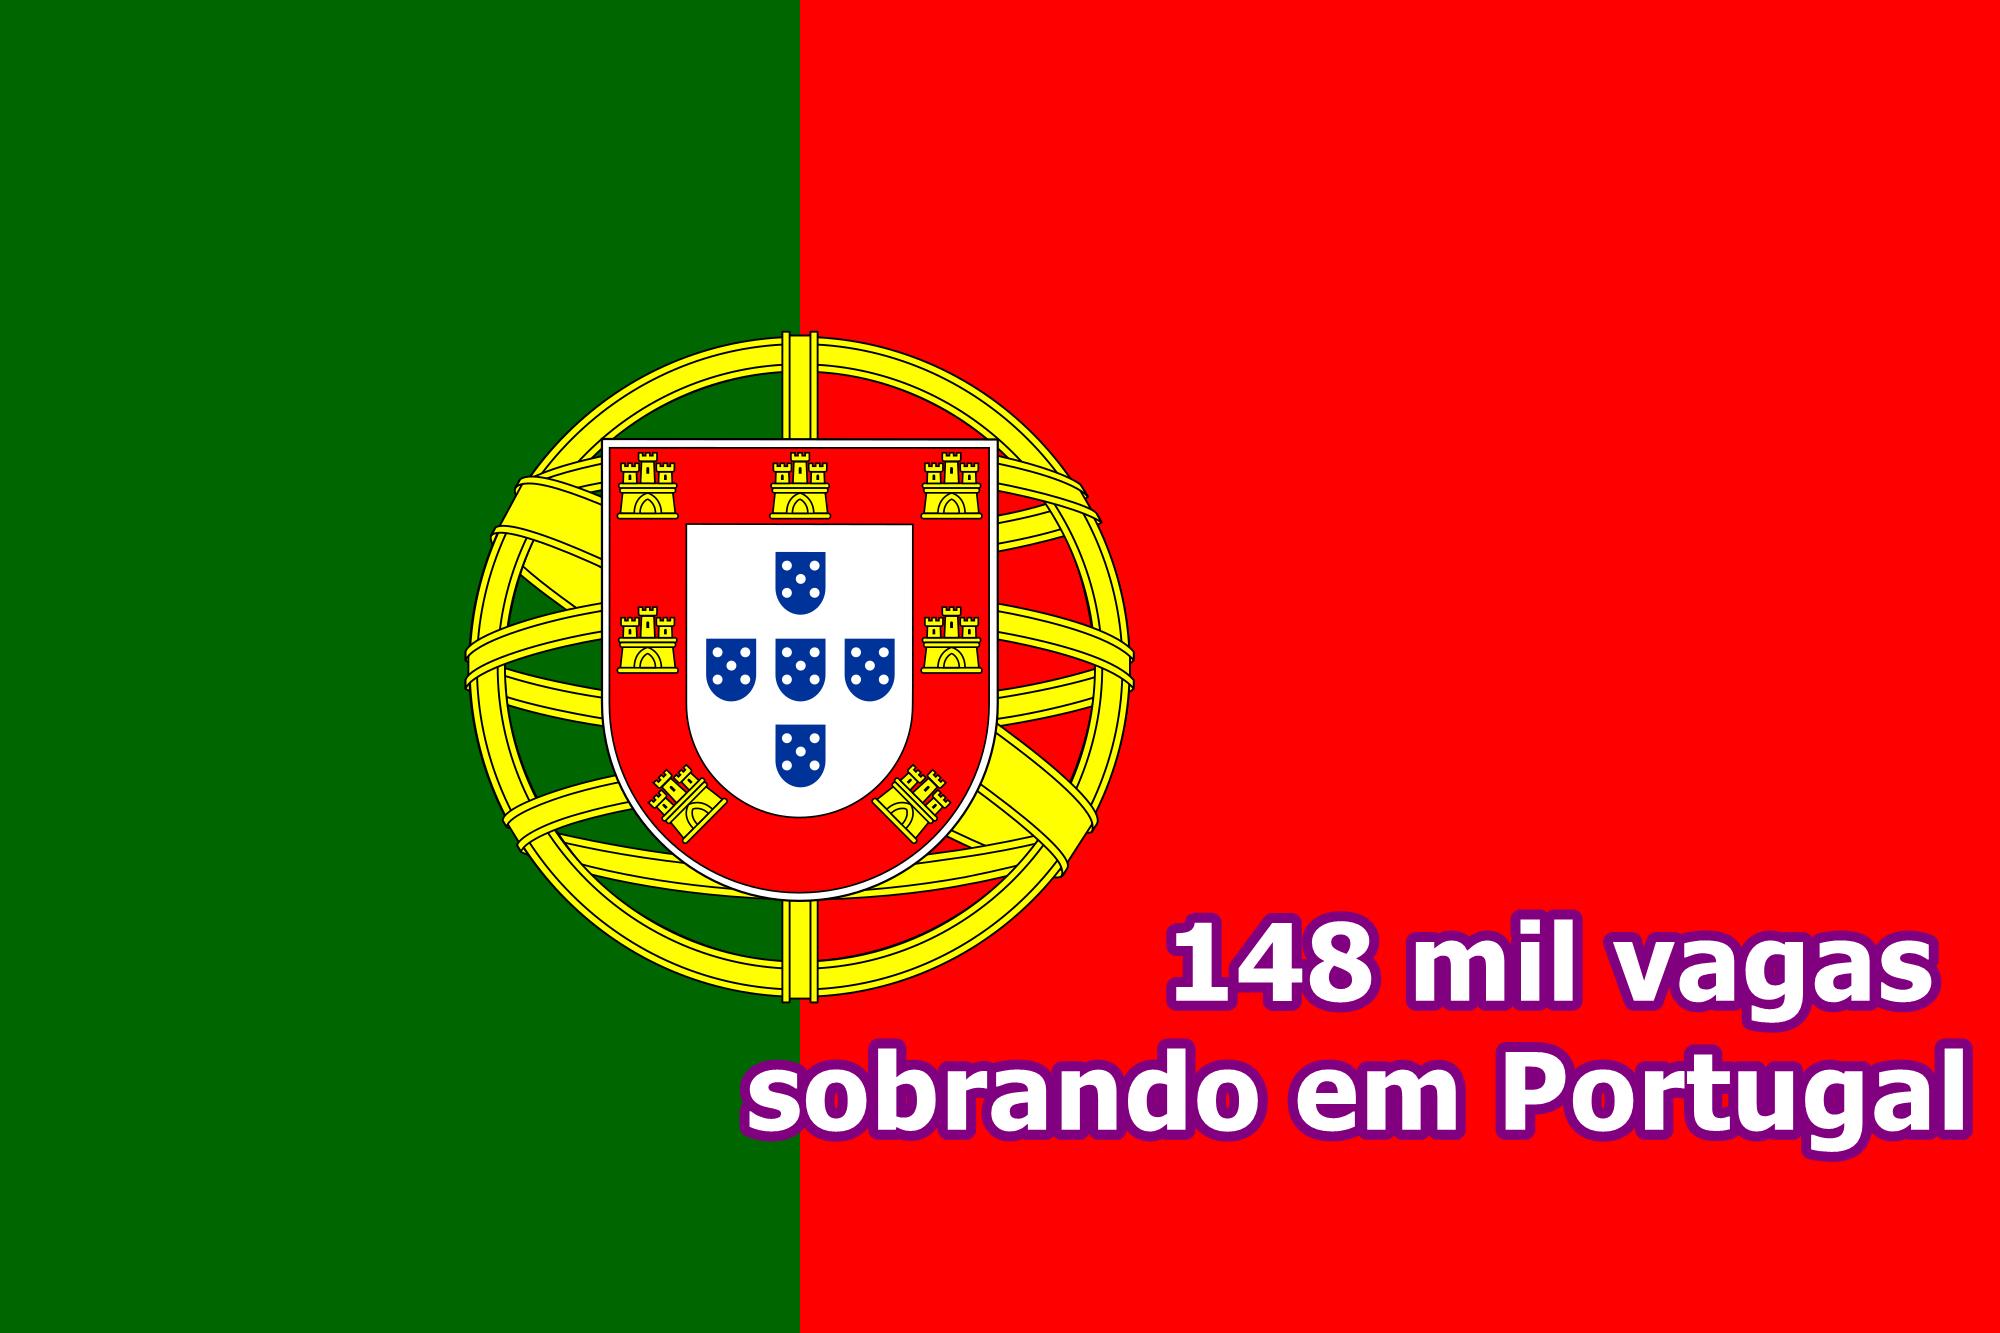 Portugal emprego Brasil